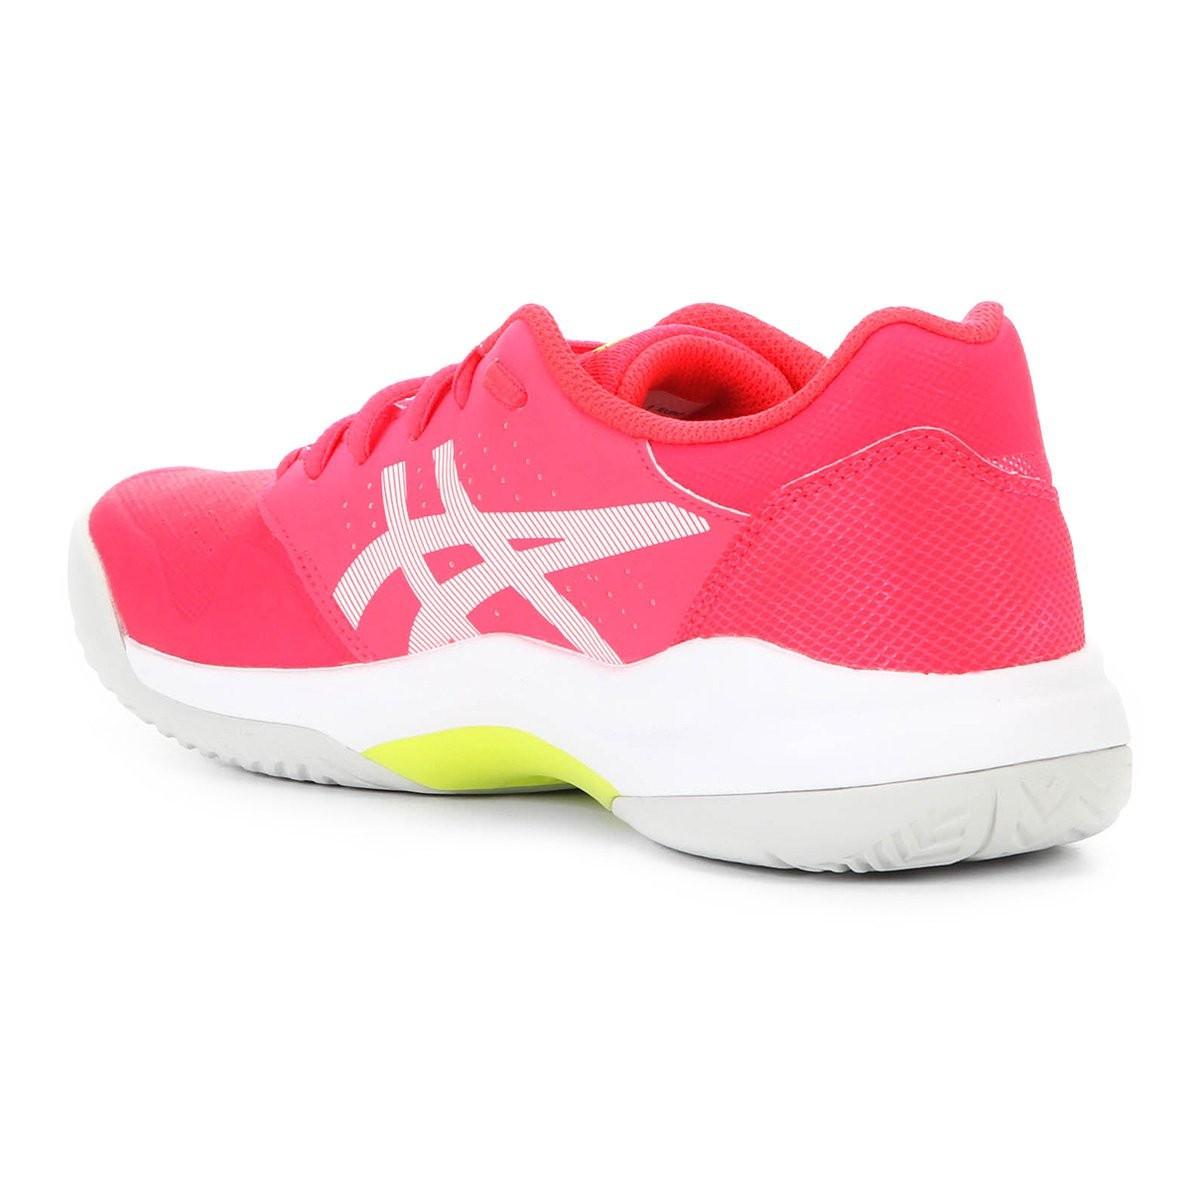 Tênis Asics Gel Game 7 Feminino - Pink